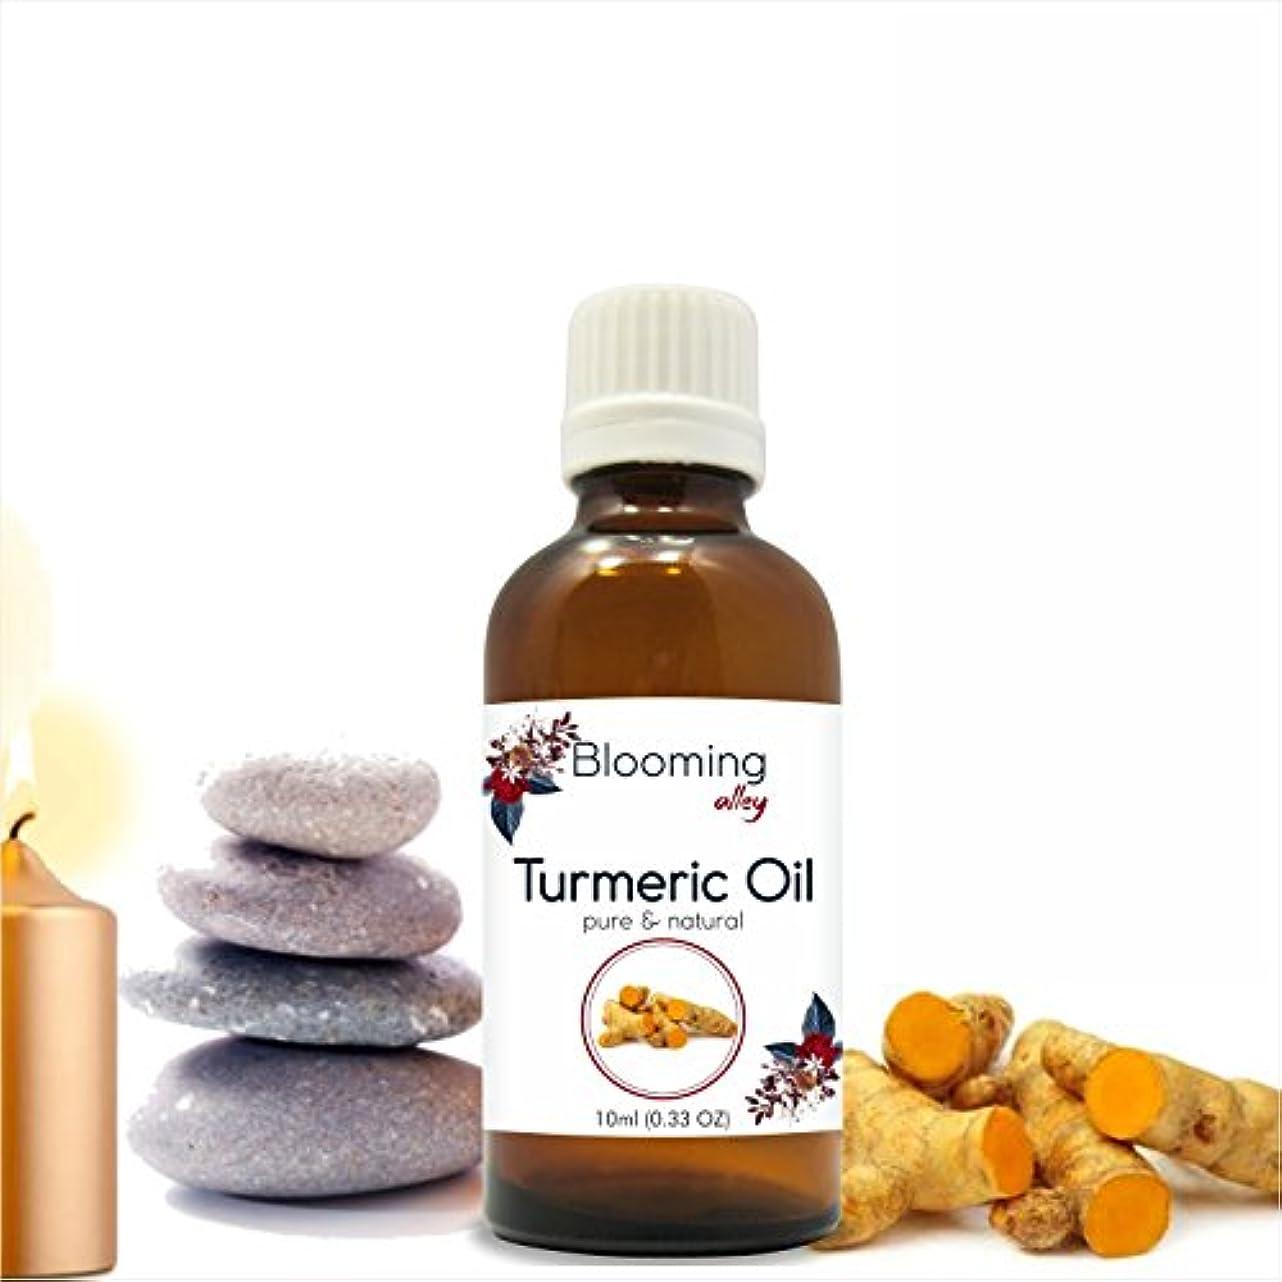 ボーダーうめき検出Turmeric Oil (Curcuma Longa) Essential Oil 10 ml or 0.33 Fl Oz by Blooming Alley